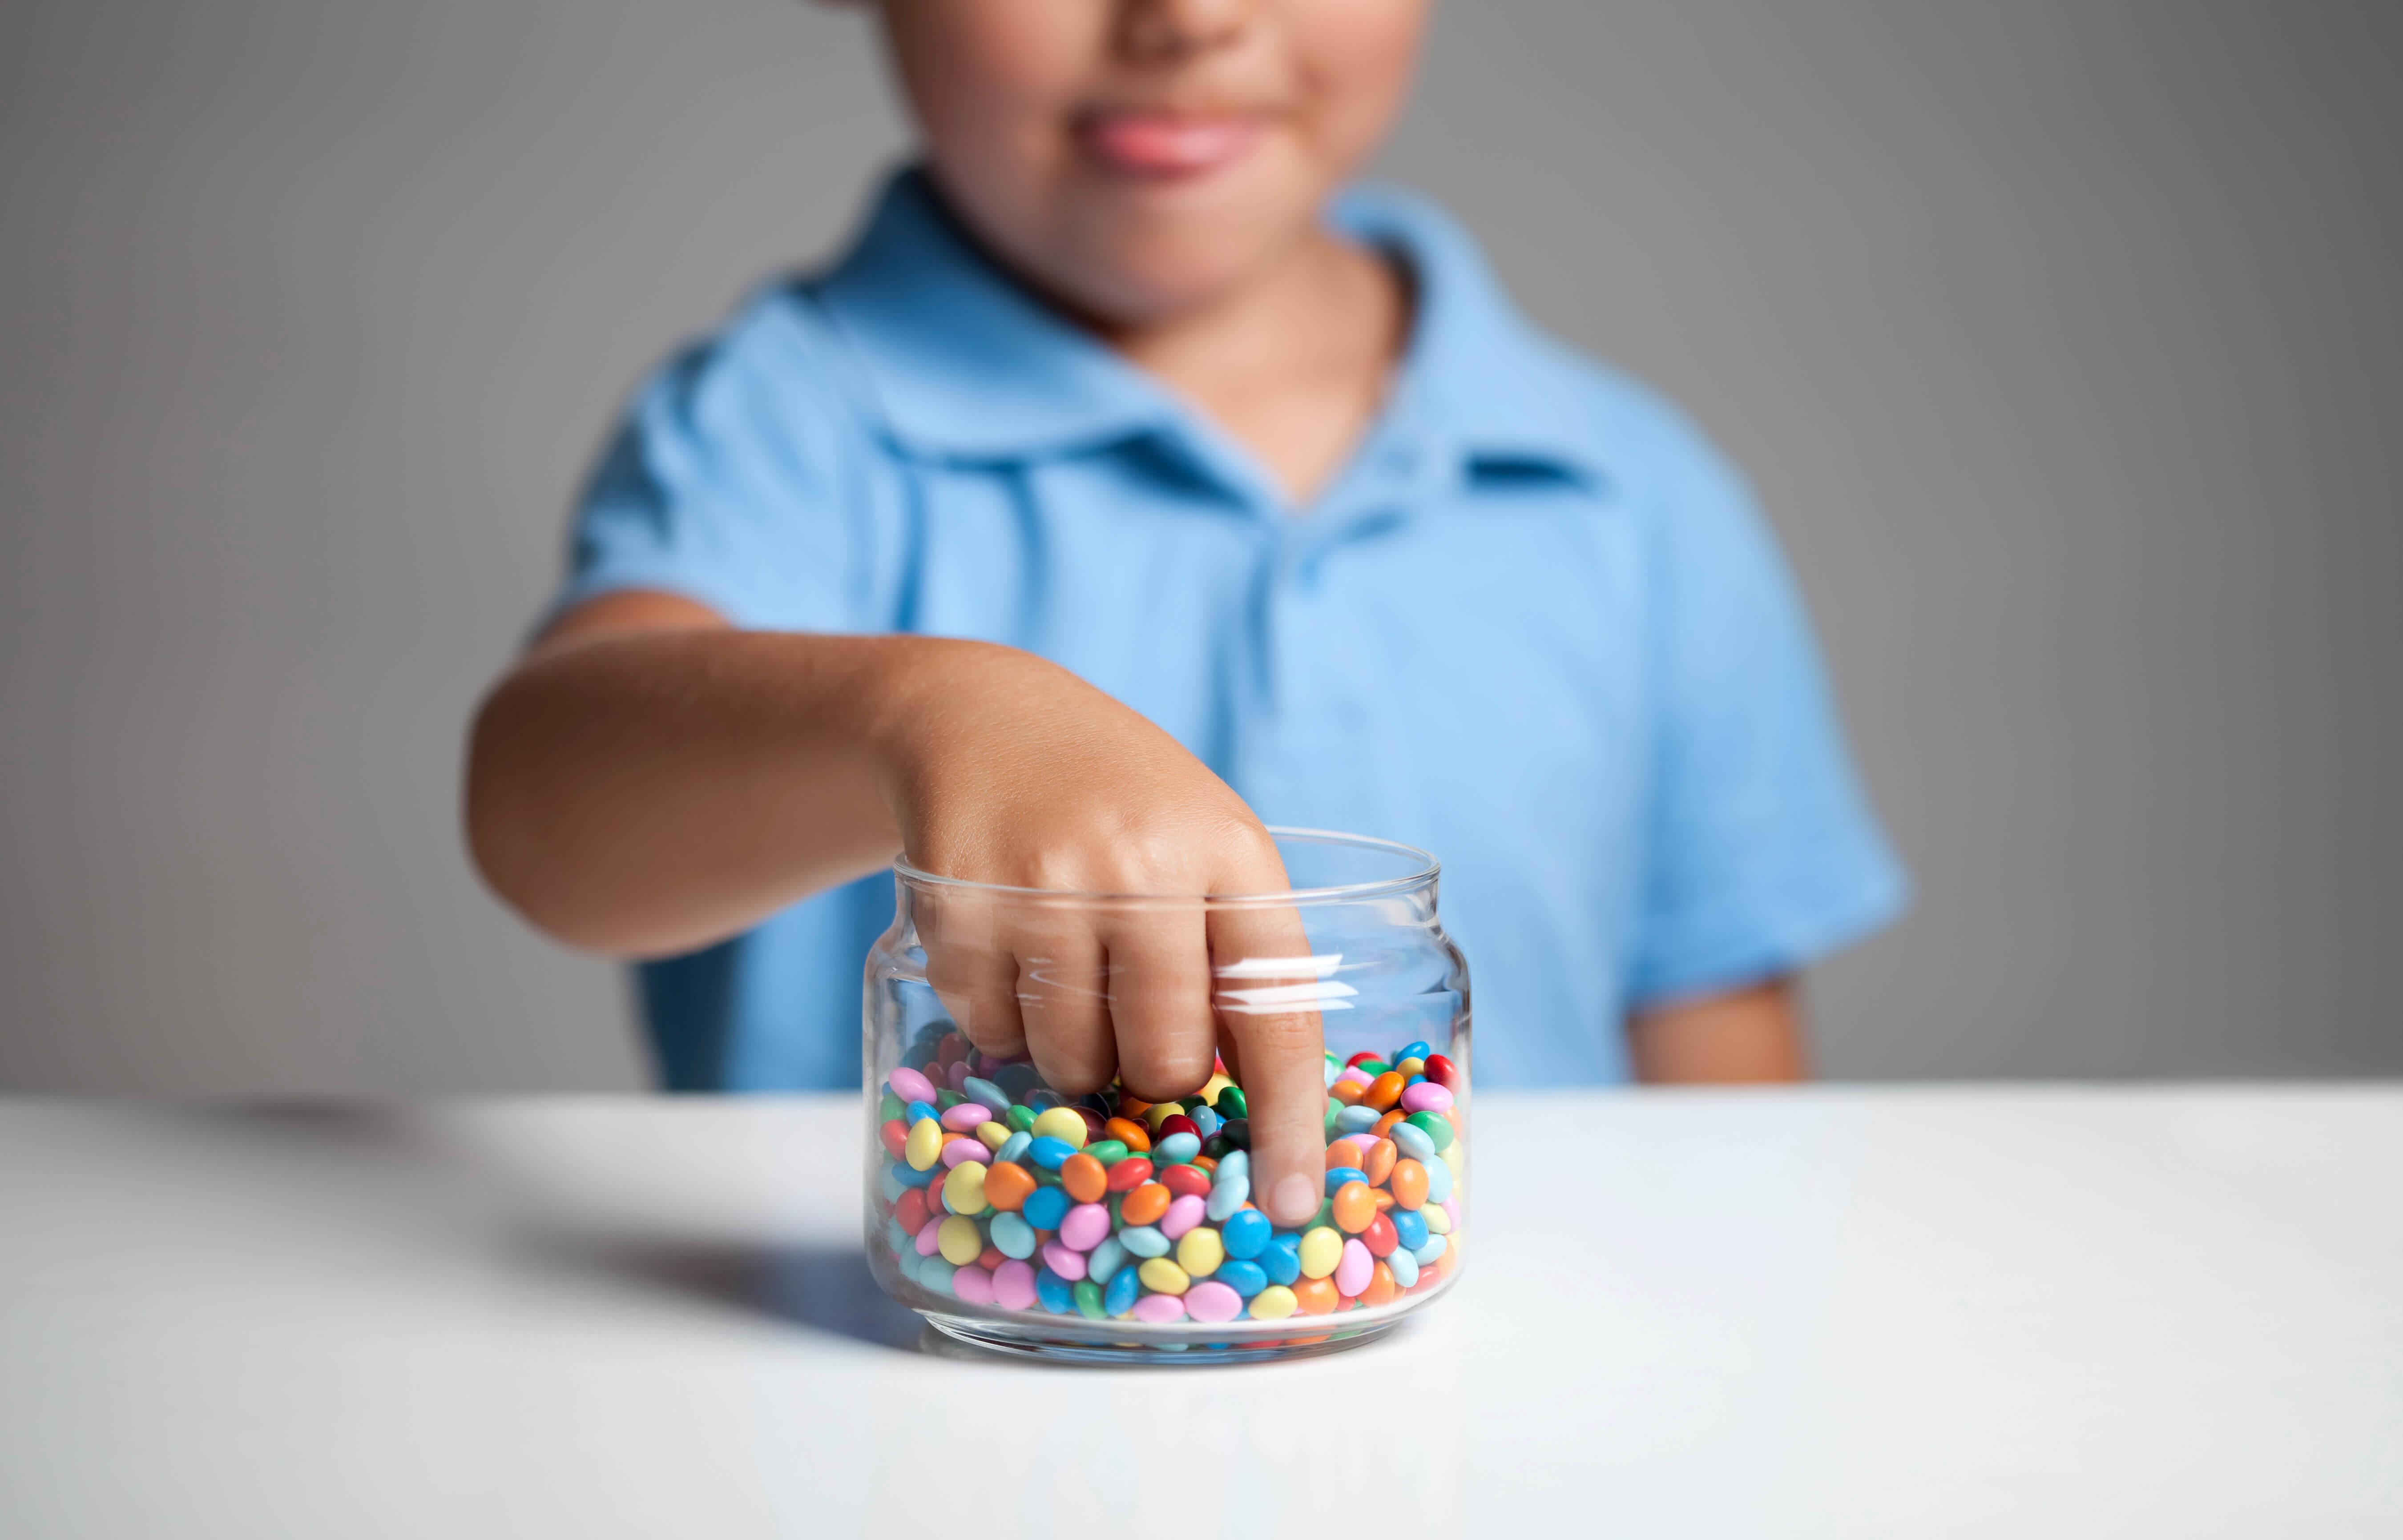 Zahnmythos Zucker ist schlecht fuer die Zaehne – Kind isst Suessigkeiten